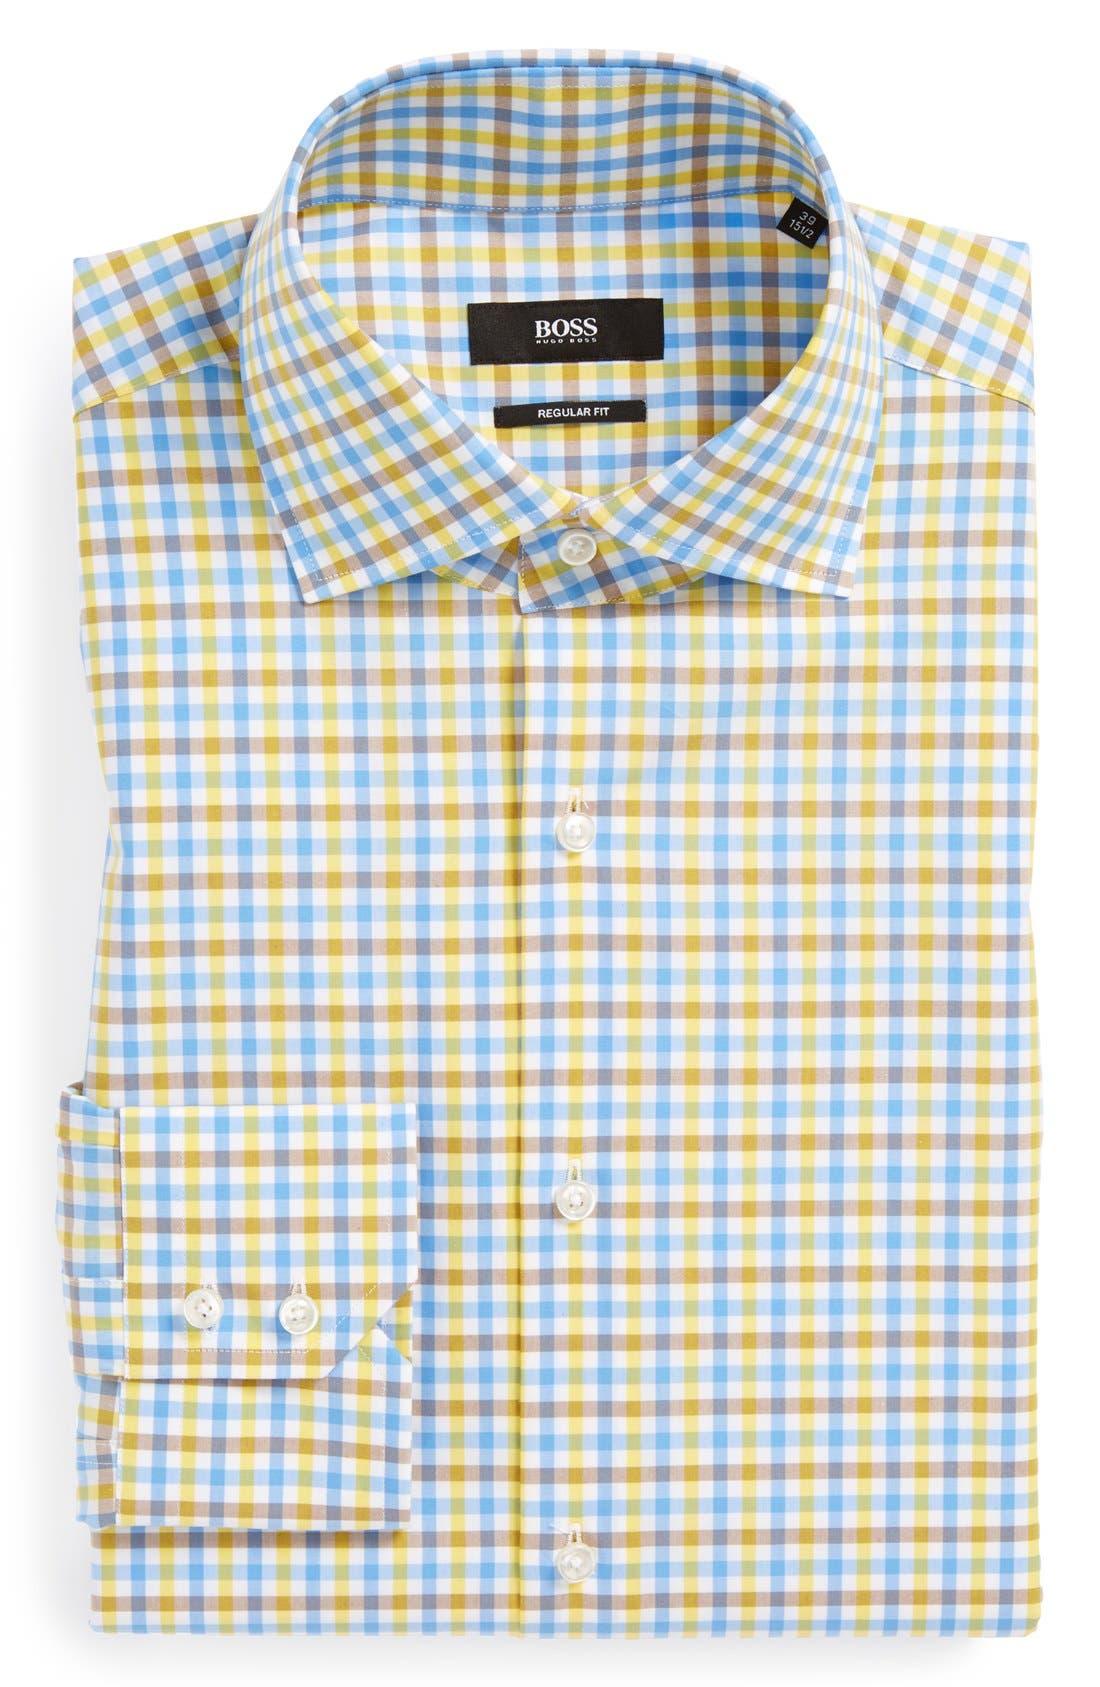 Main Image - BOSS HUGO BOSS 'Gerald' WW Regular Fit Check Dress Shirt